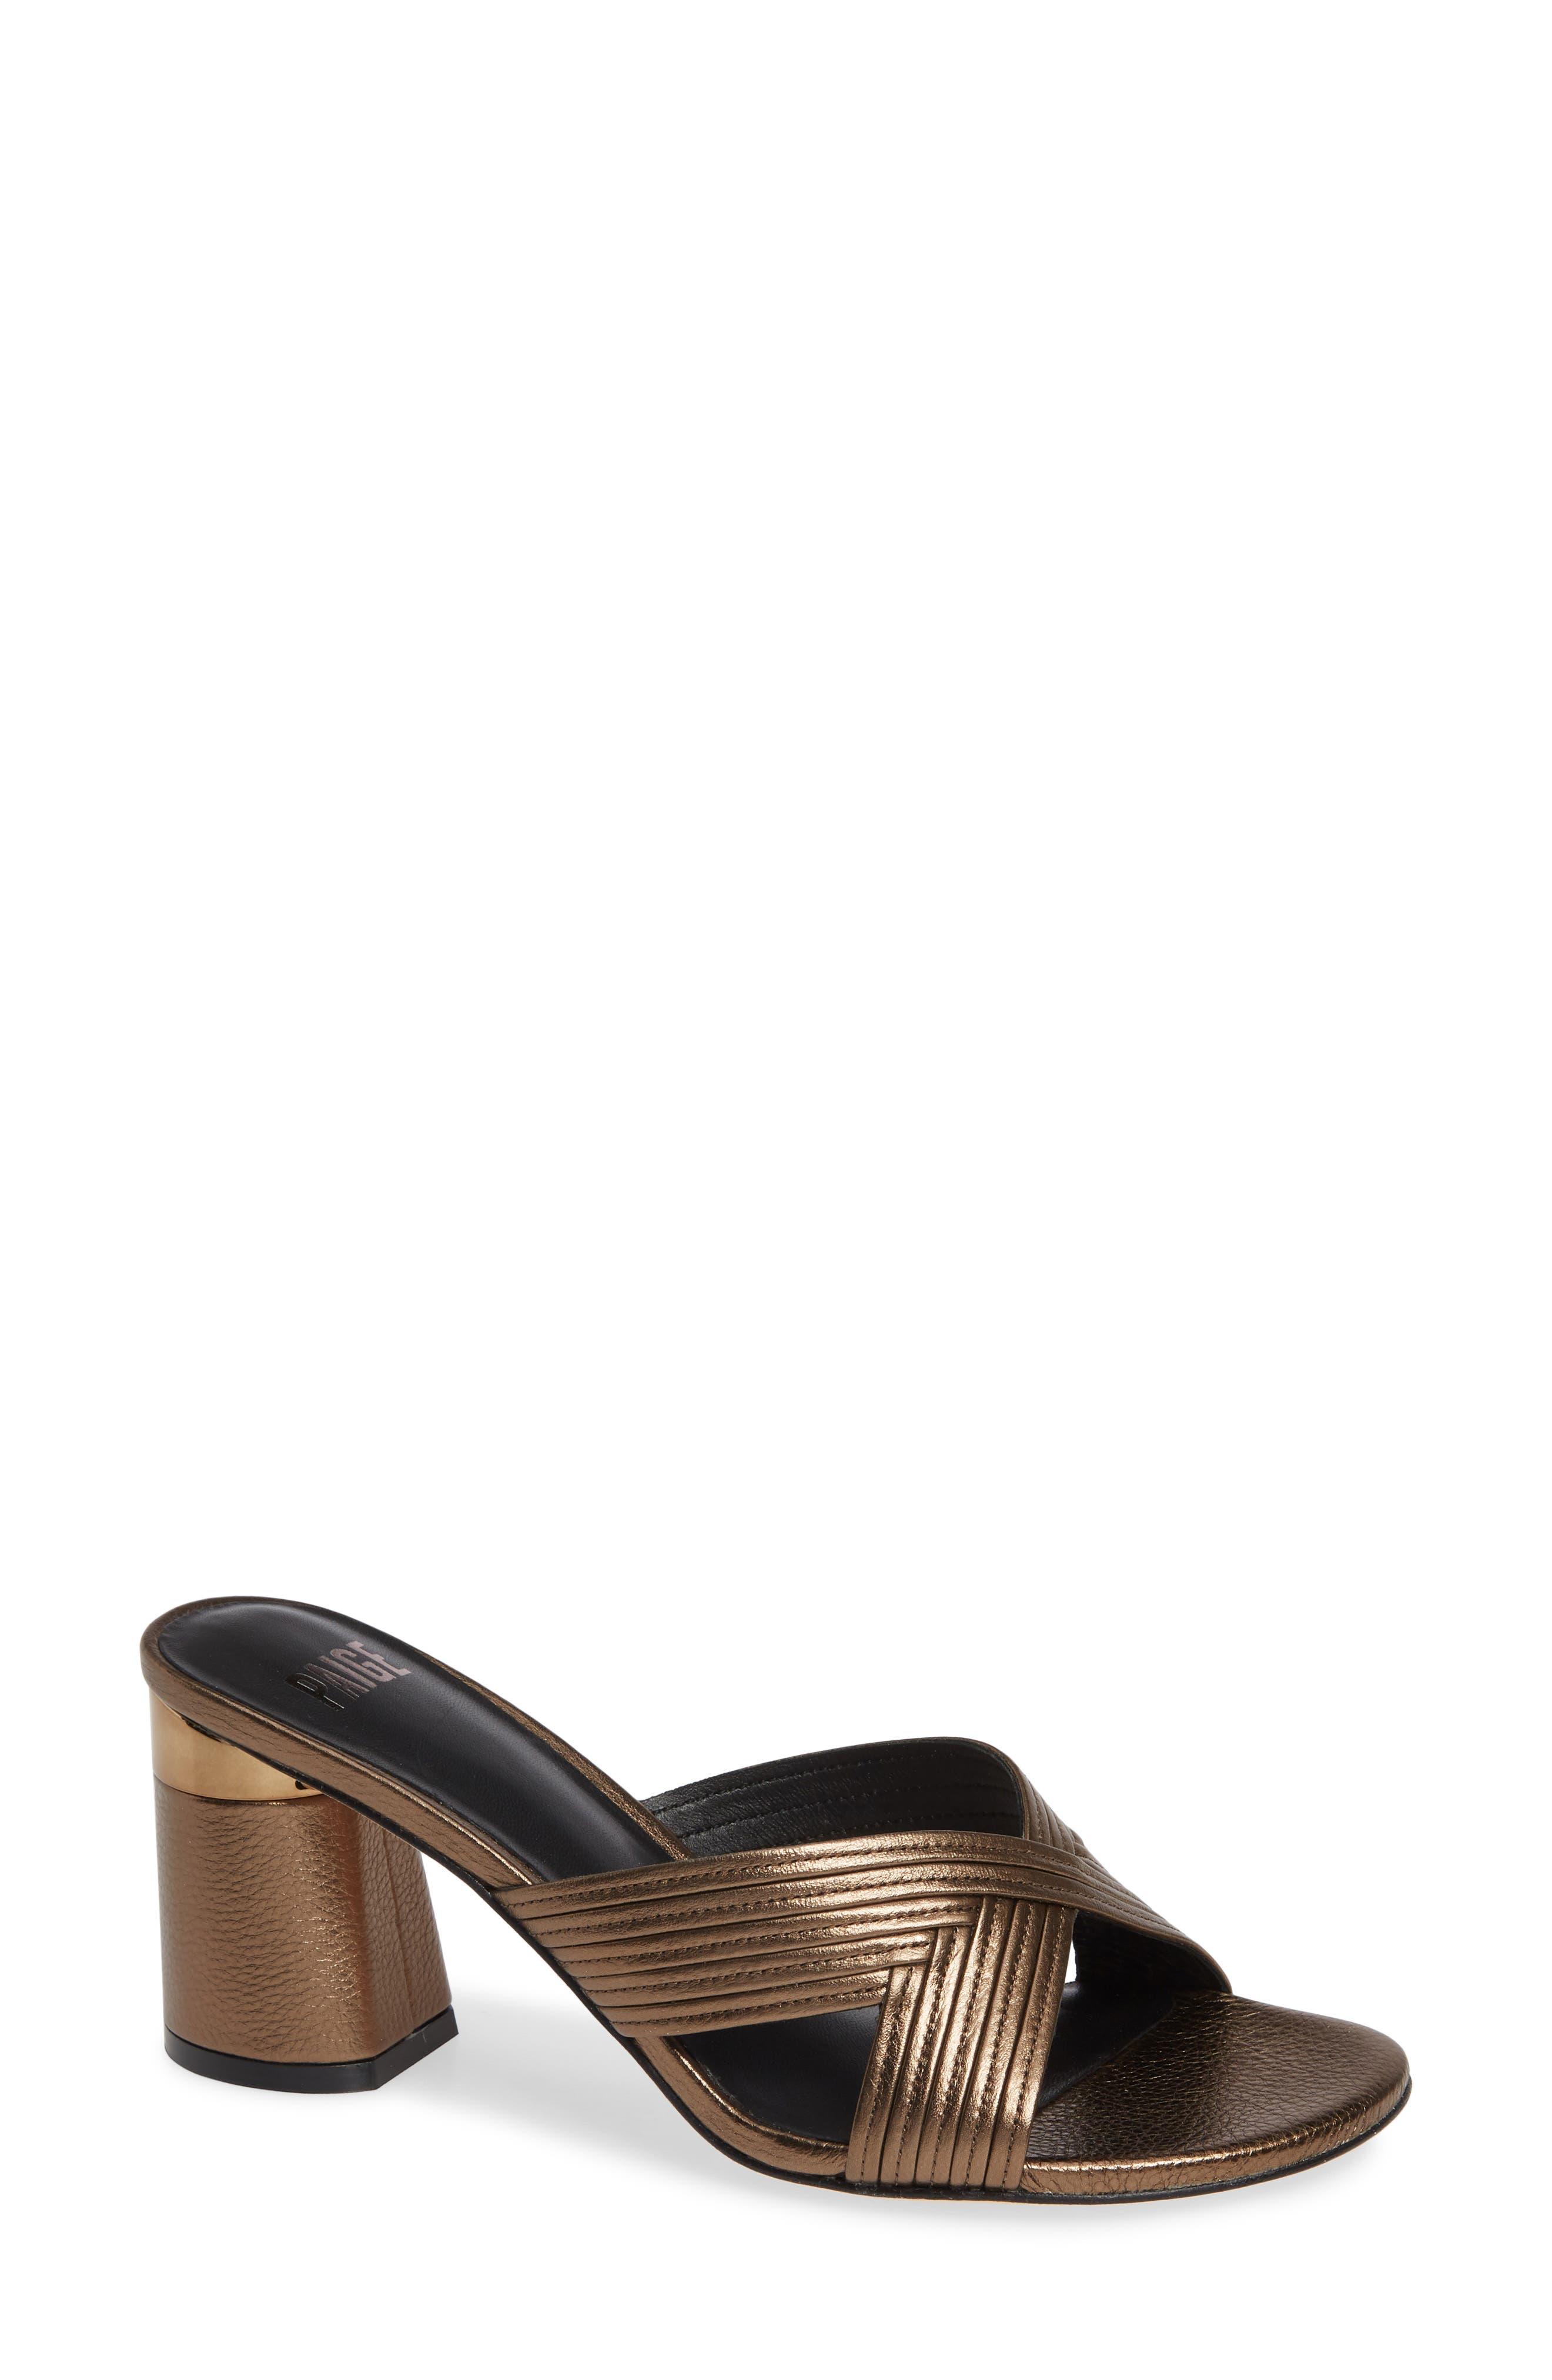 67270fa194c5 Women s PAIGE Shoes   Nordstrom